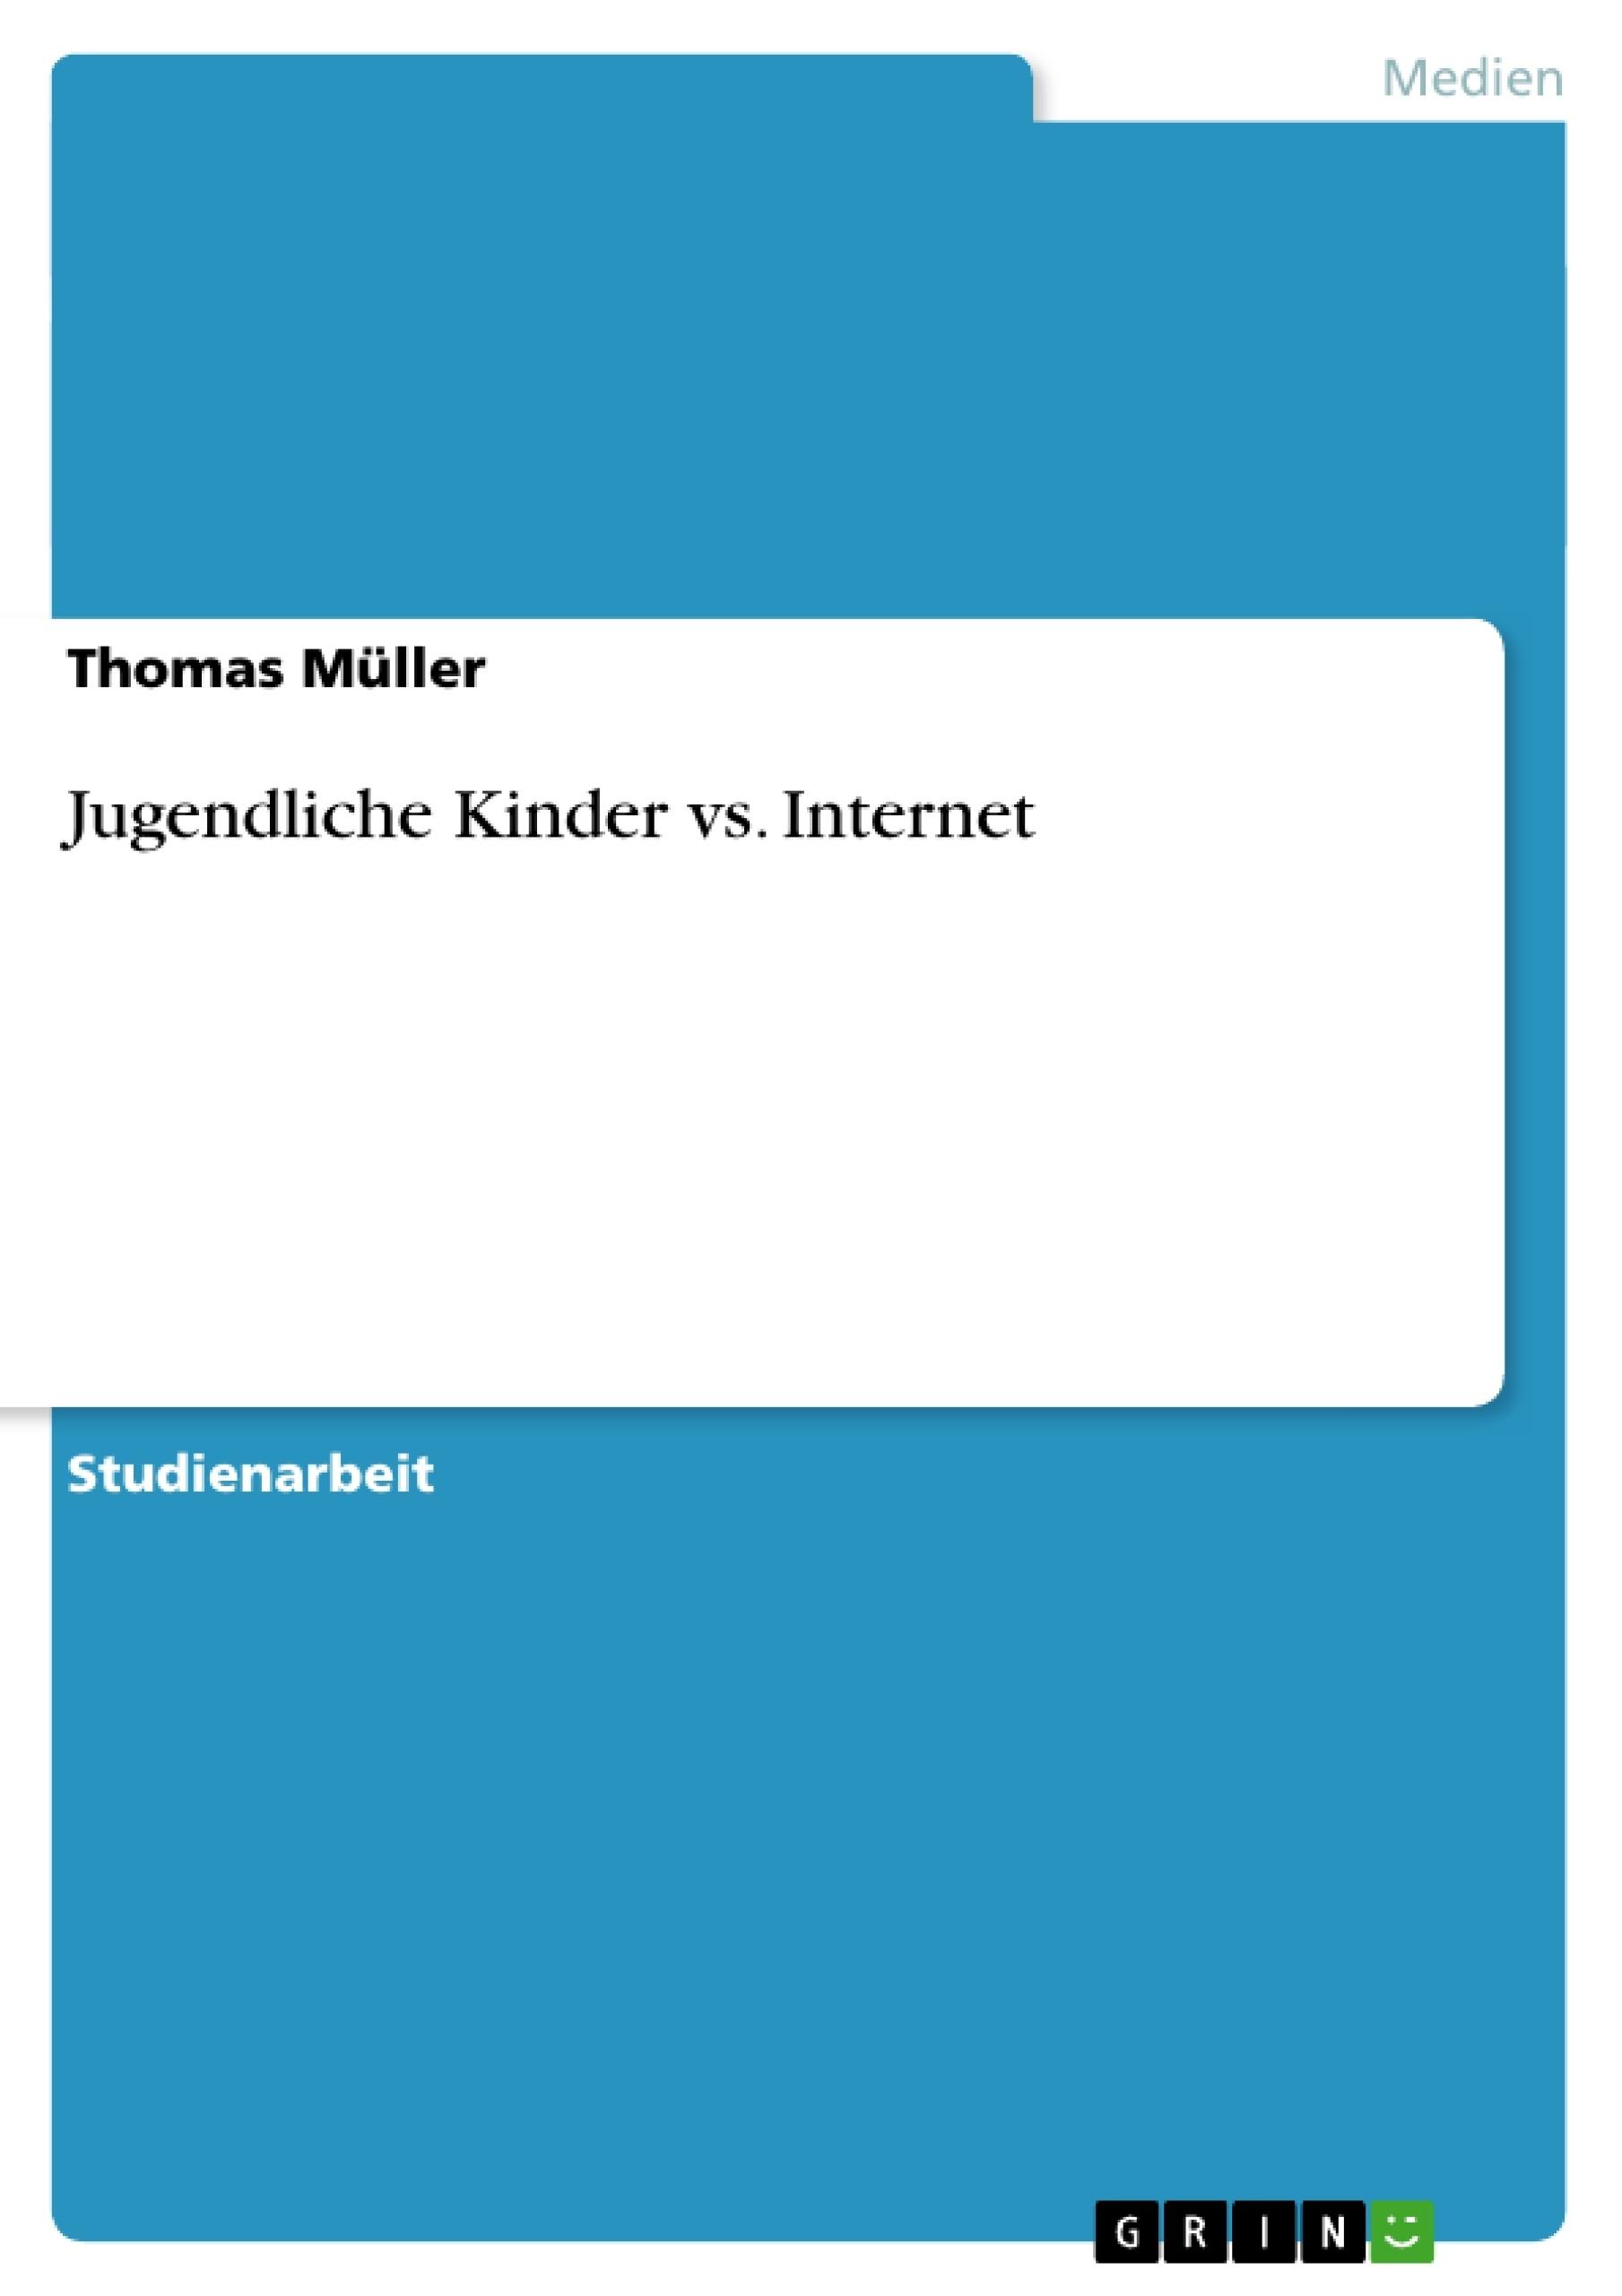 Titel: Jugendliche Kinder vs. Internet